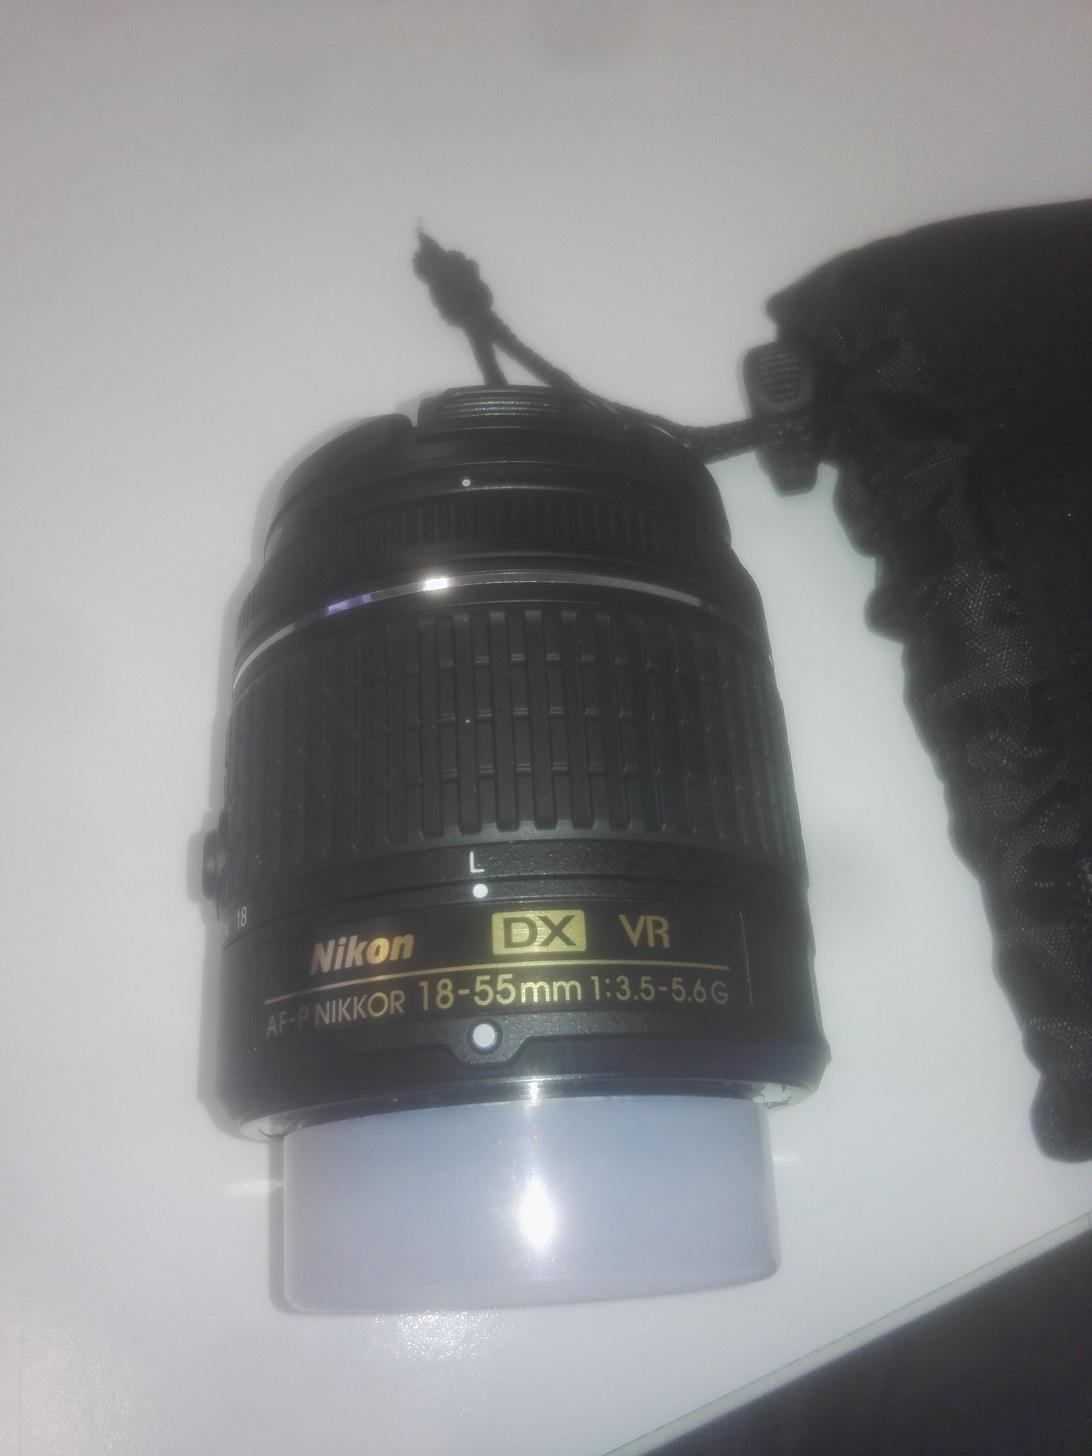 New Nikon AF-P DX NIKKOR 18-55mm f/3.5-5.6 G VR lens